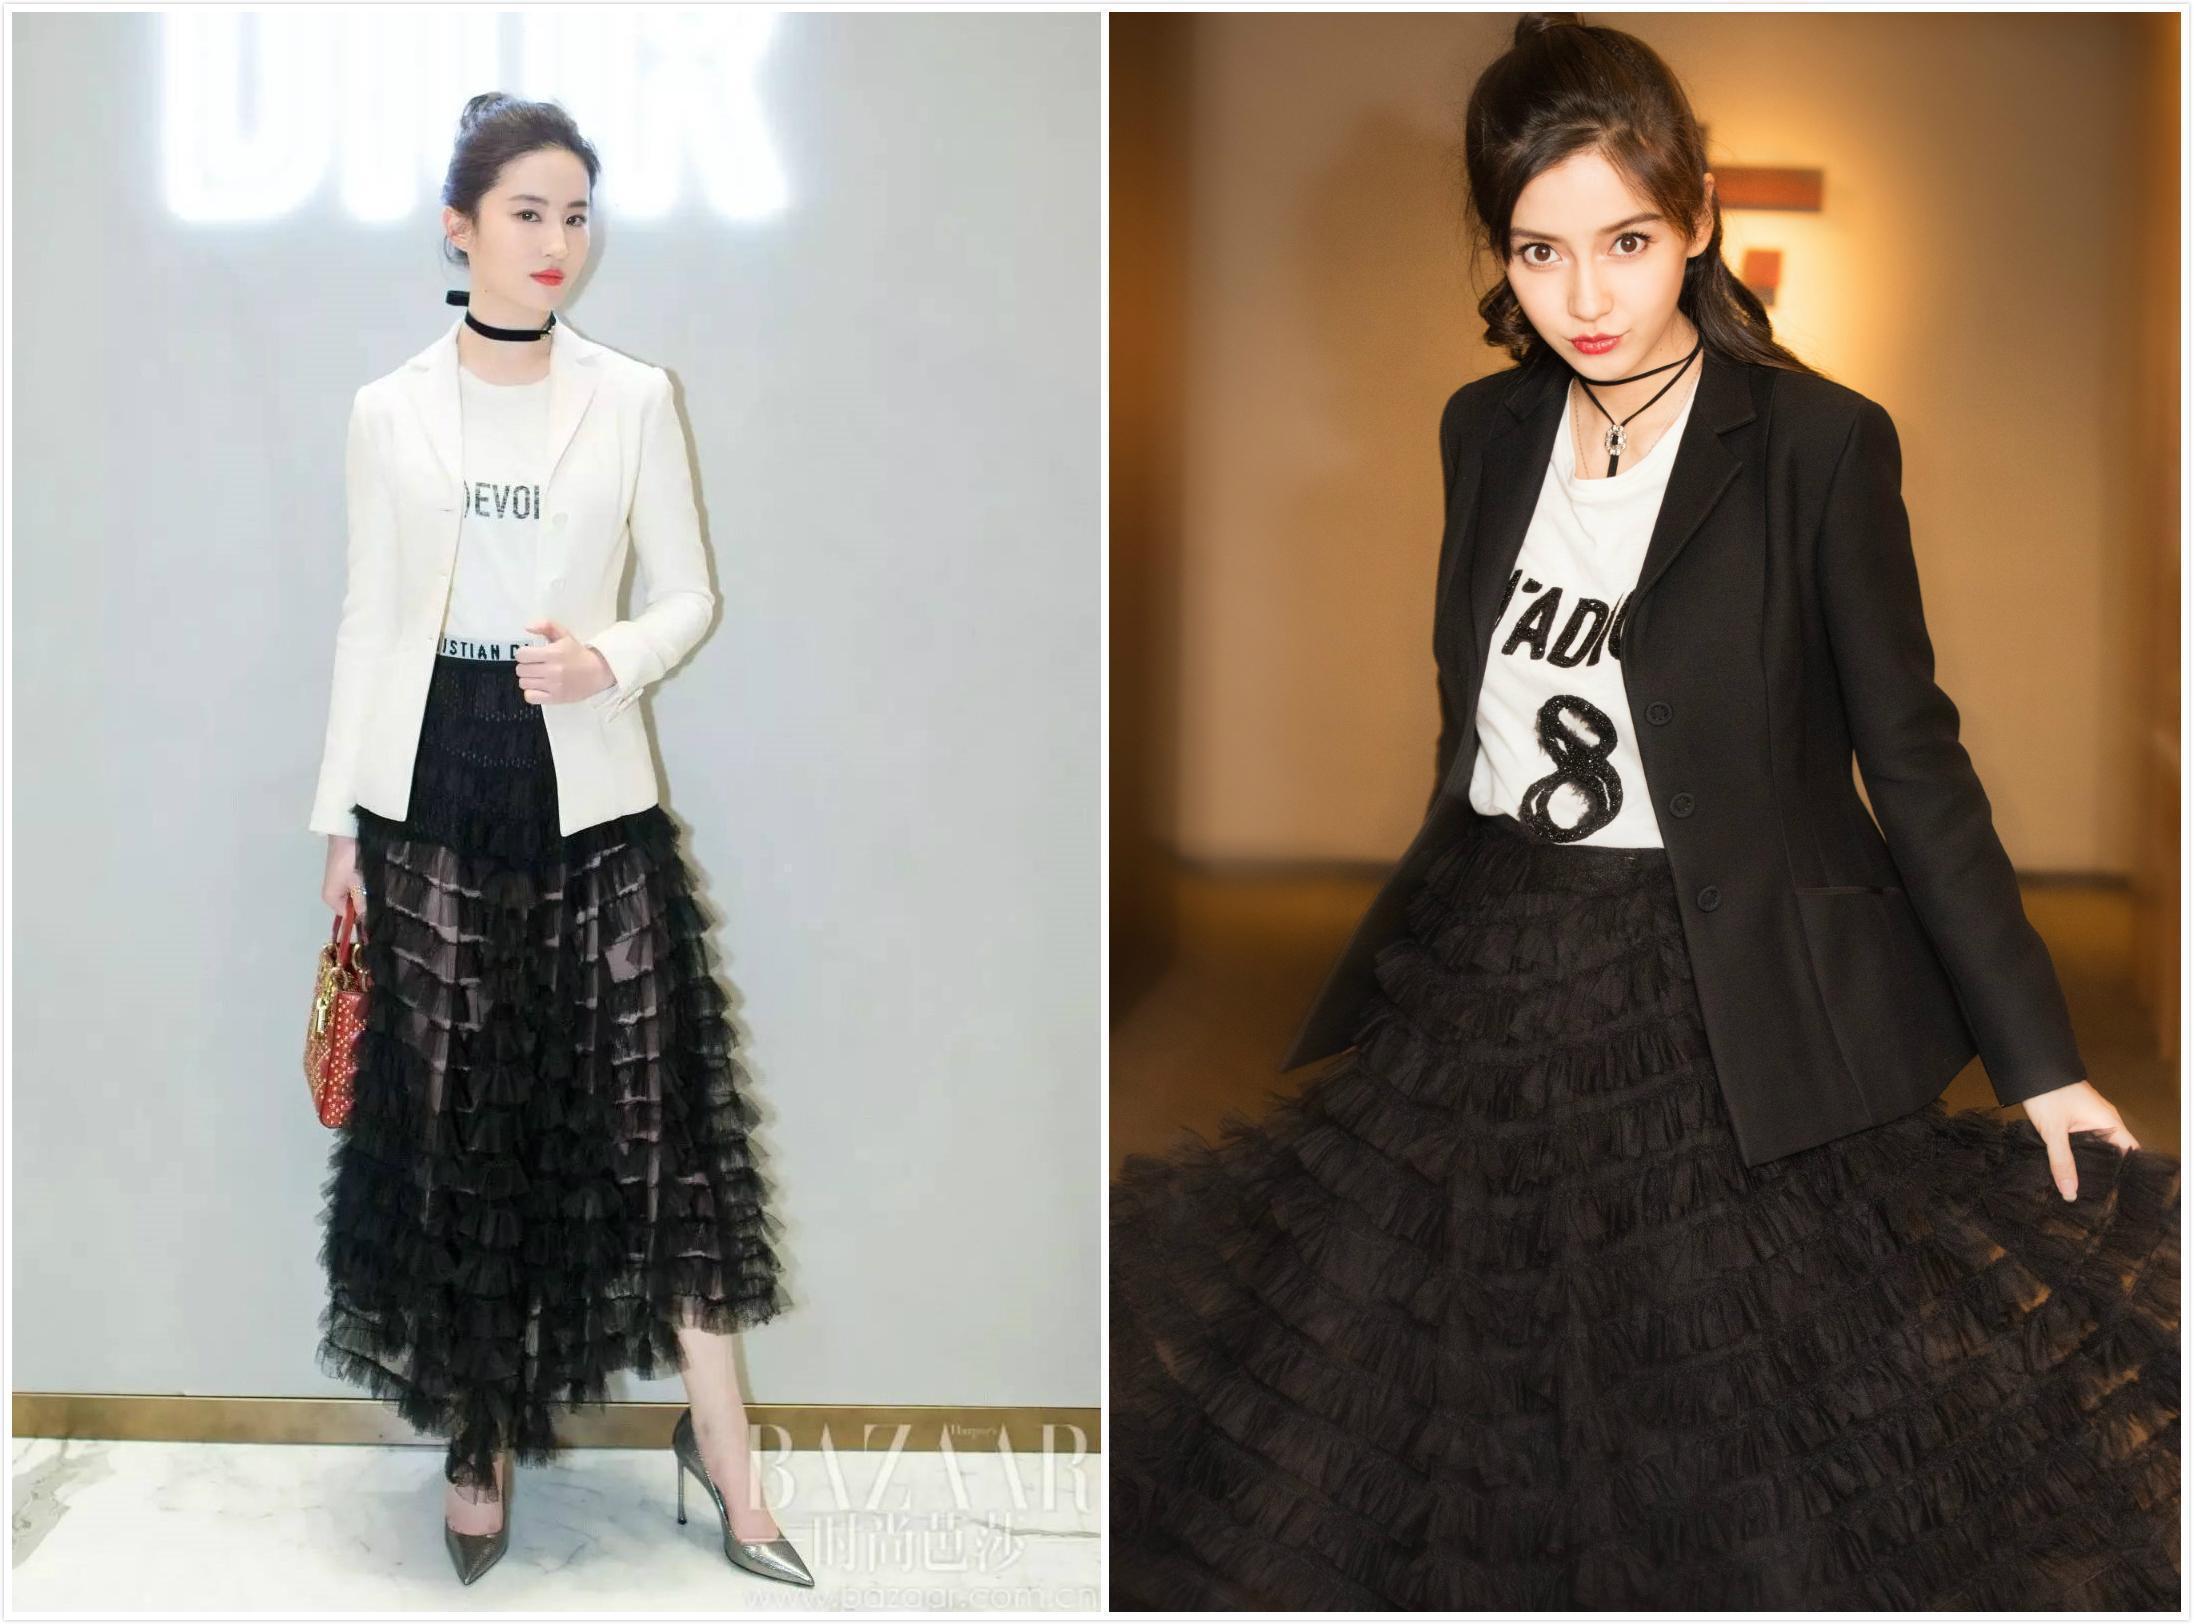 刘亦菲、baby撞衫5条Dior裙子!baby赢在骨架,刘亦菲只能靠肤色了-第1张图片